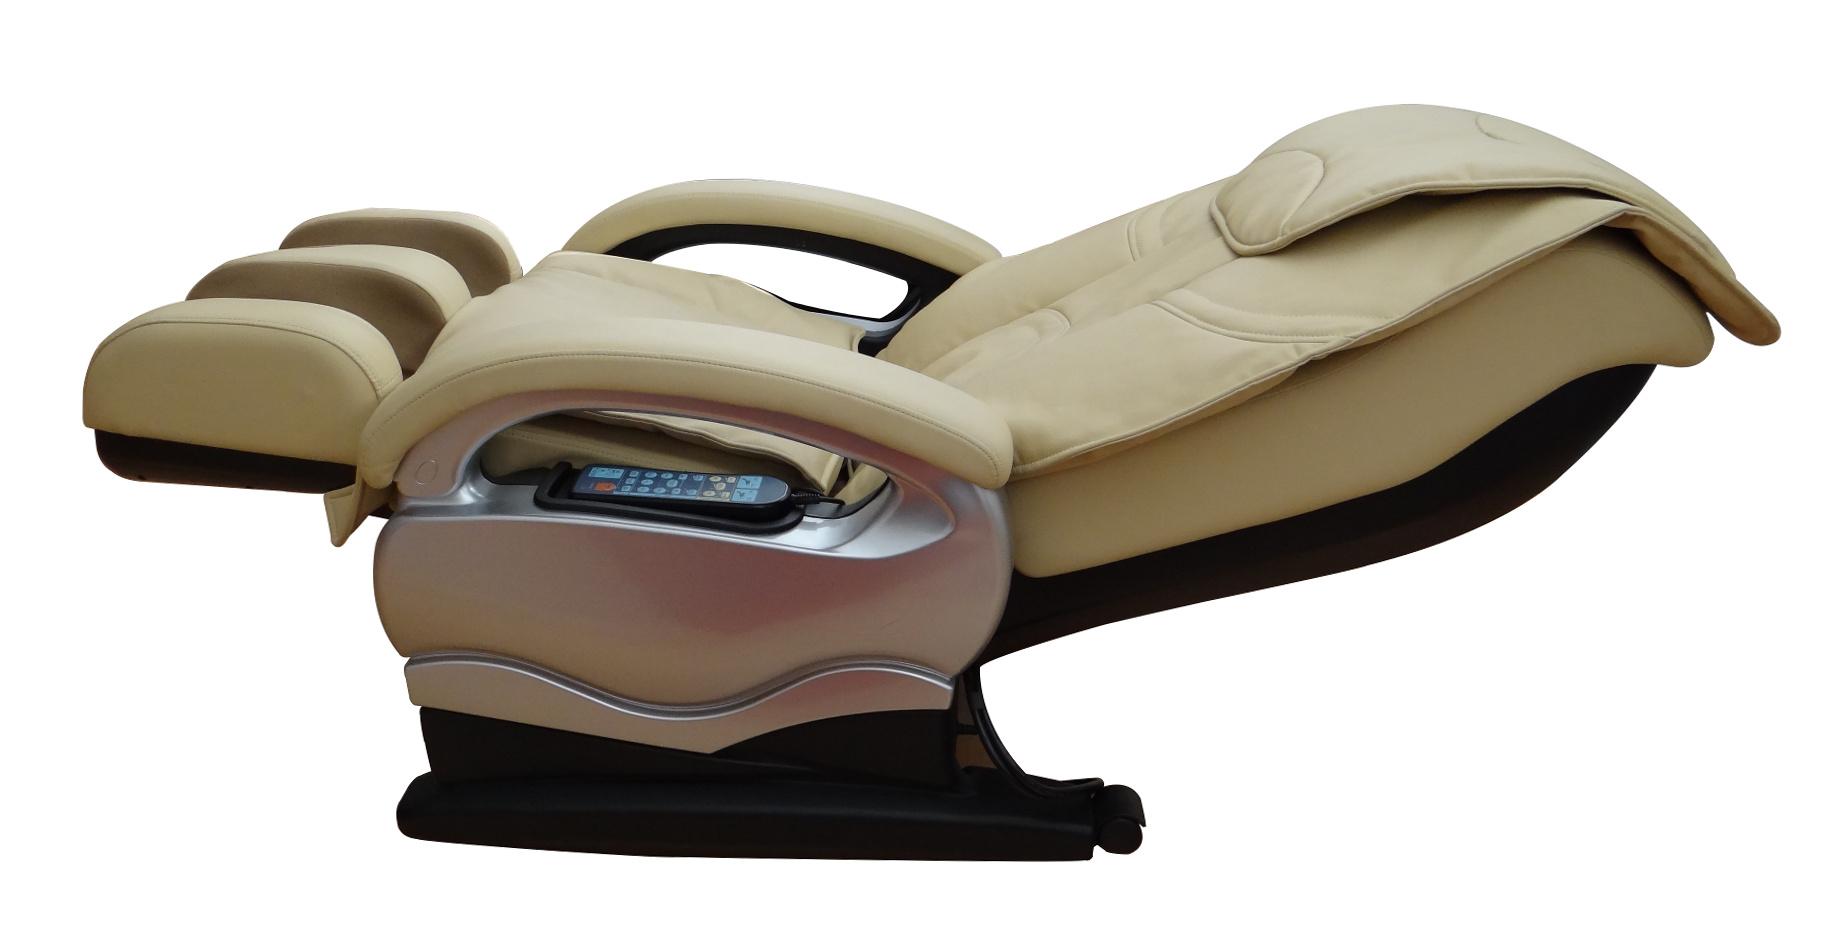 Poltrona Reclinabile Massaggiante.Poltrona Relax Con Cinque Tipi Di Massaggio Shaitsu Reclinabile